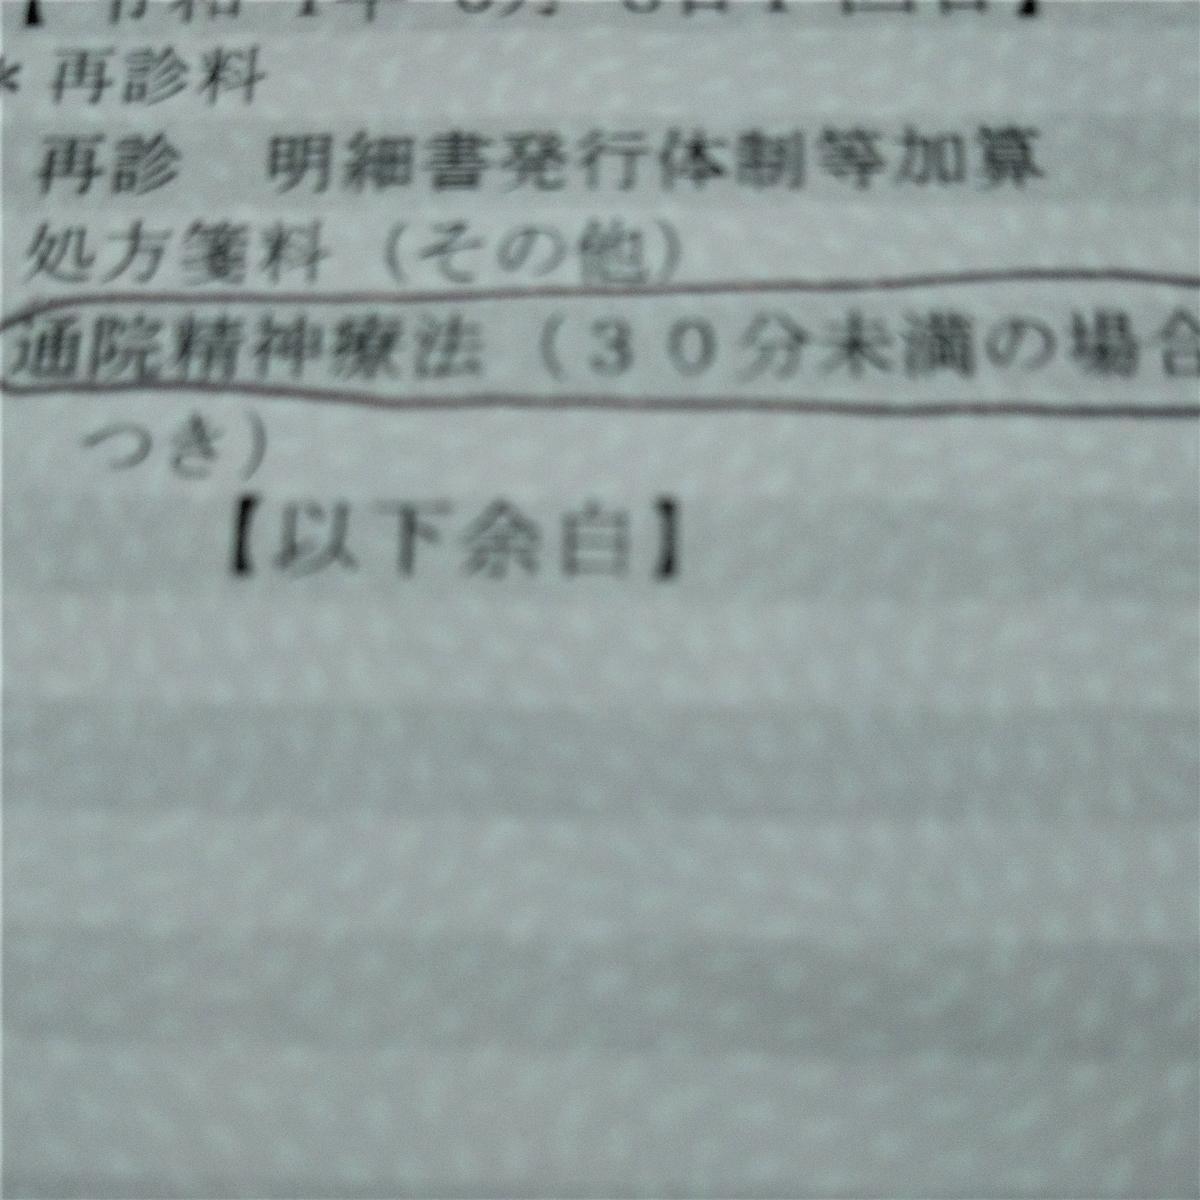 f:id:yurukawa:20200121150612j:plain